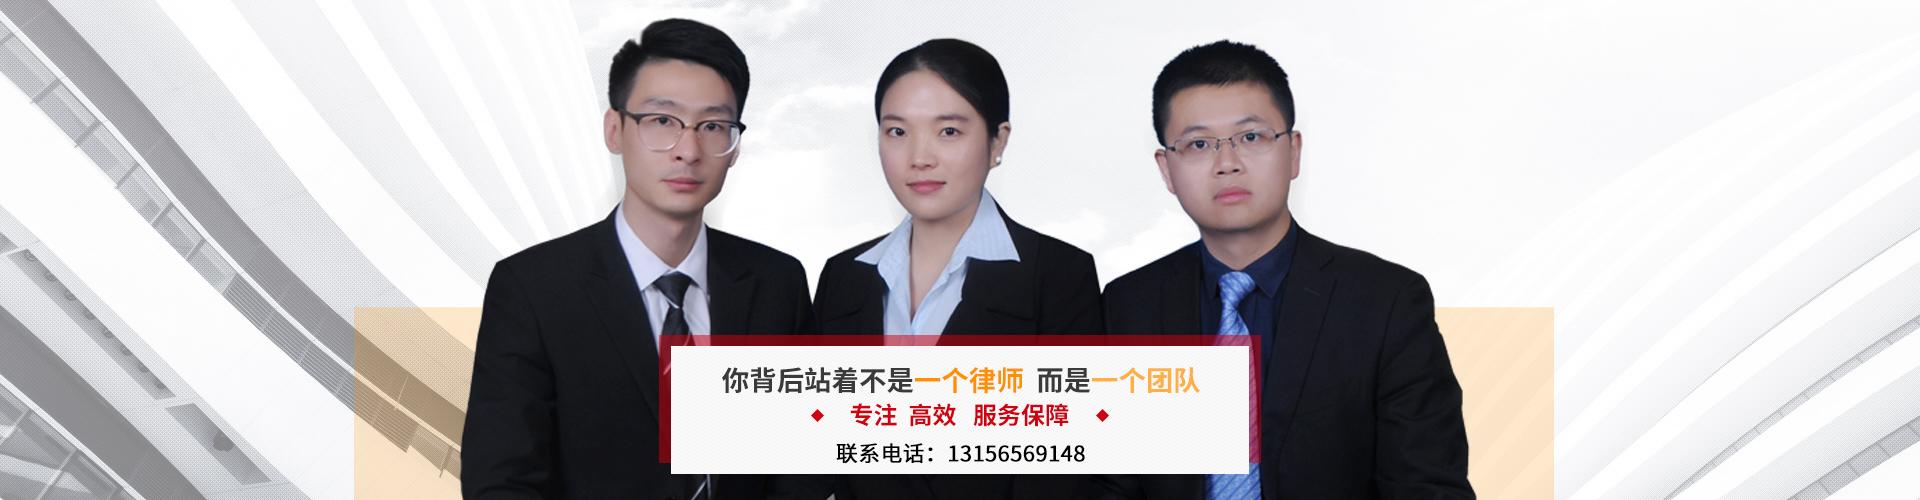 合肥金牌律师网